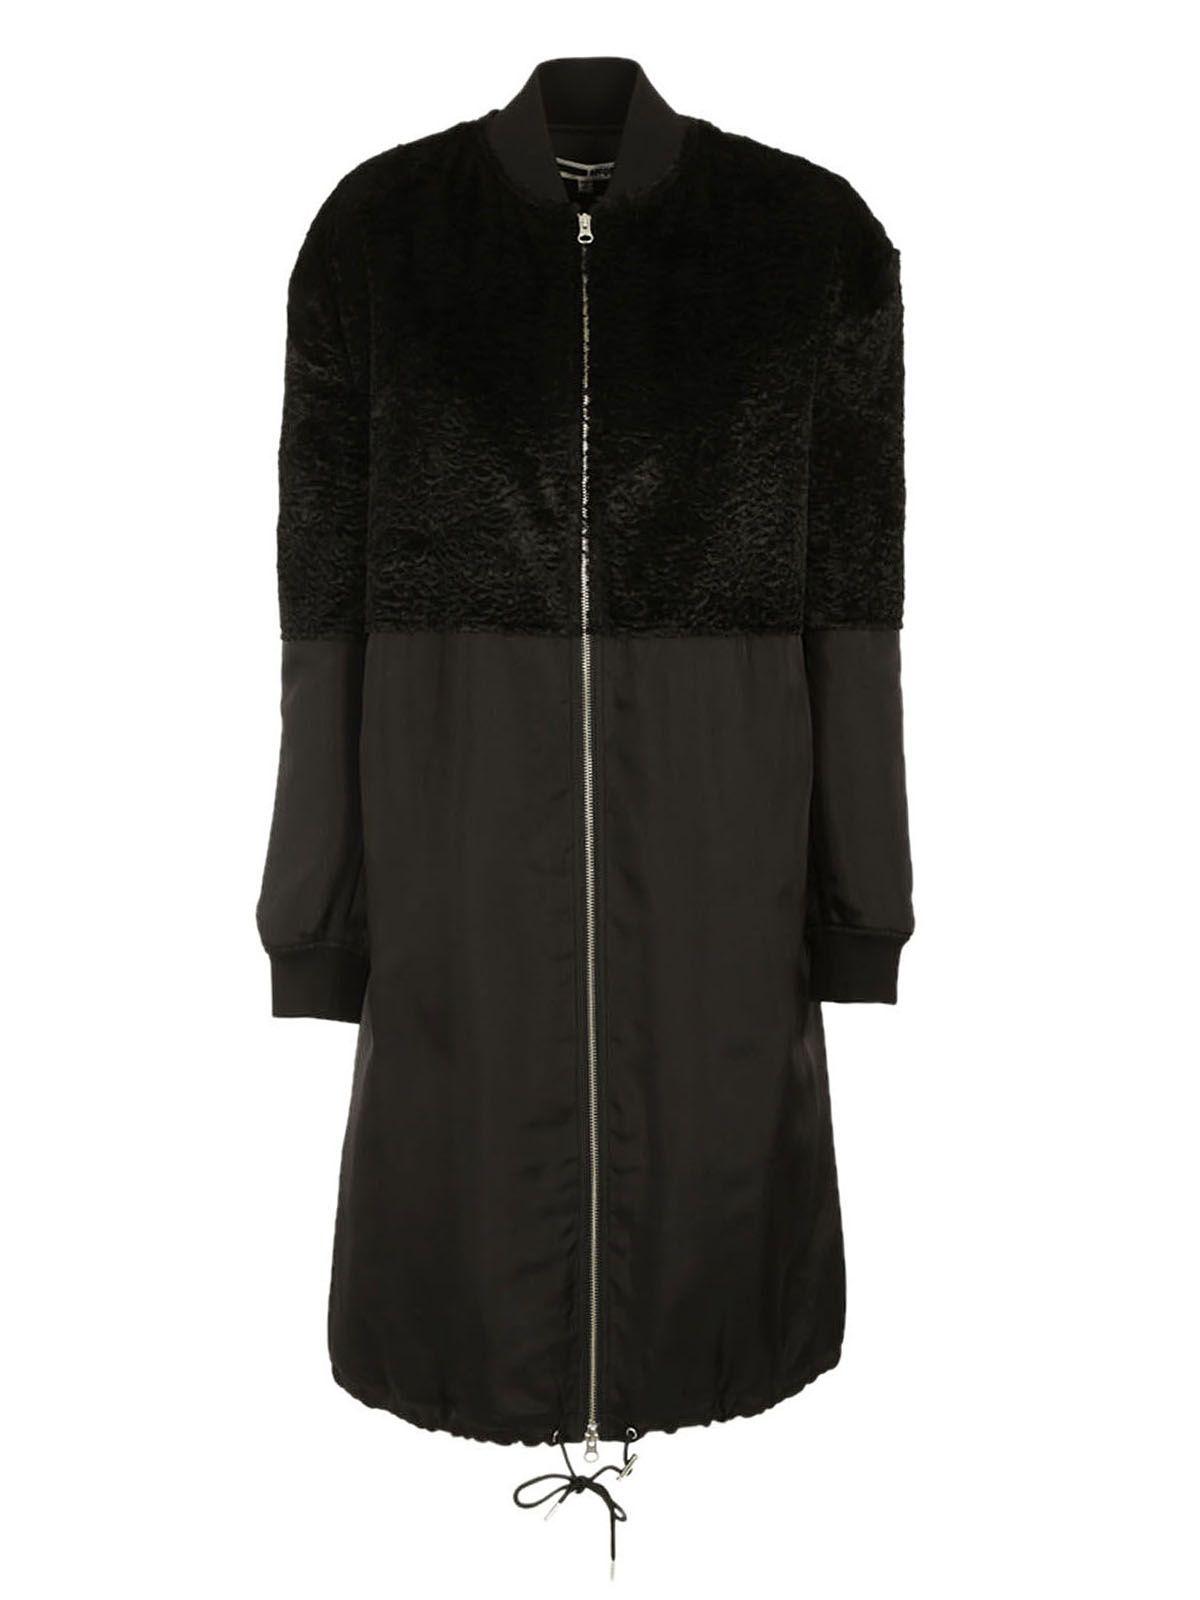 Mcq Alexander Mcqueen Zip Up Coat